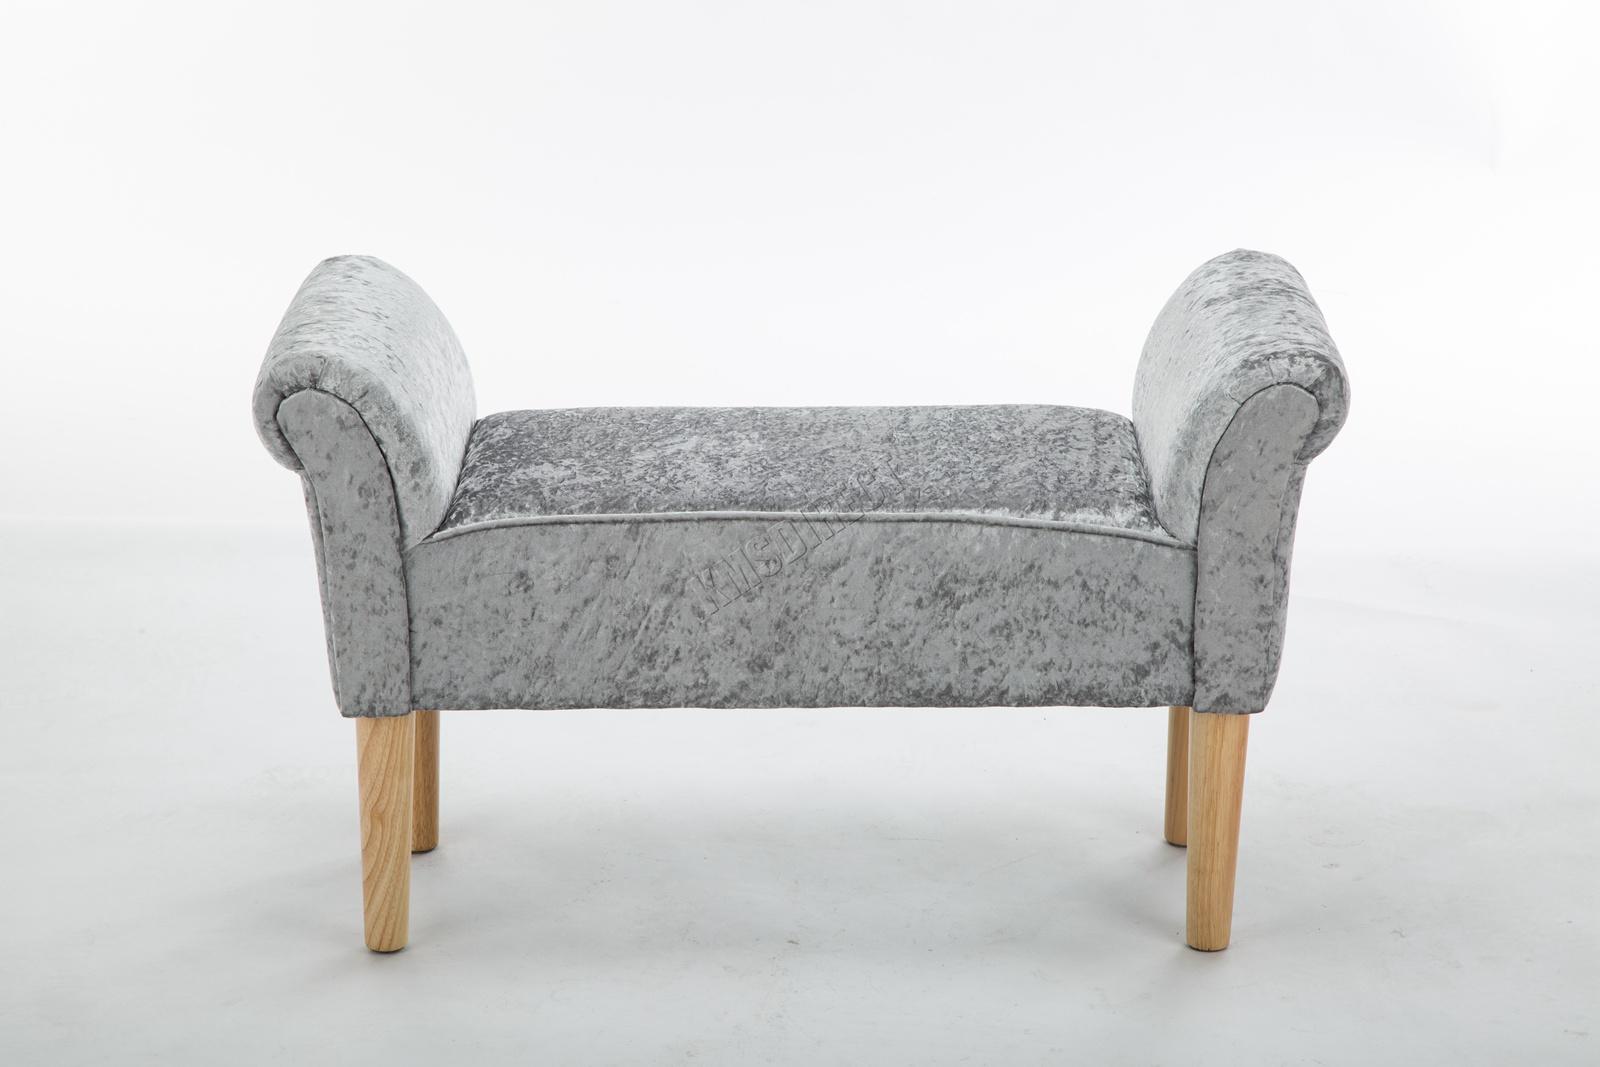 Westwood-Stoff-Bench-Fusshocker-Sitz-Pouf-Wuerfelfoermig-Polsterhocker-Schlafzimmer Indexbild 35